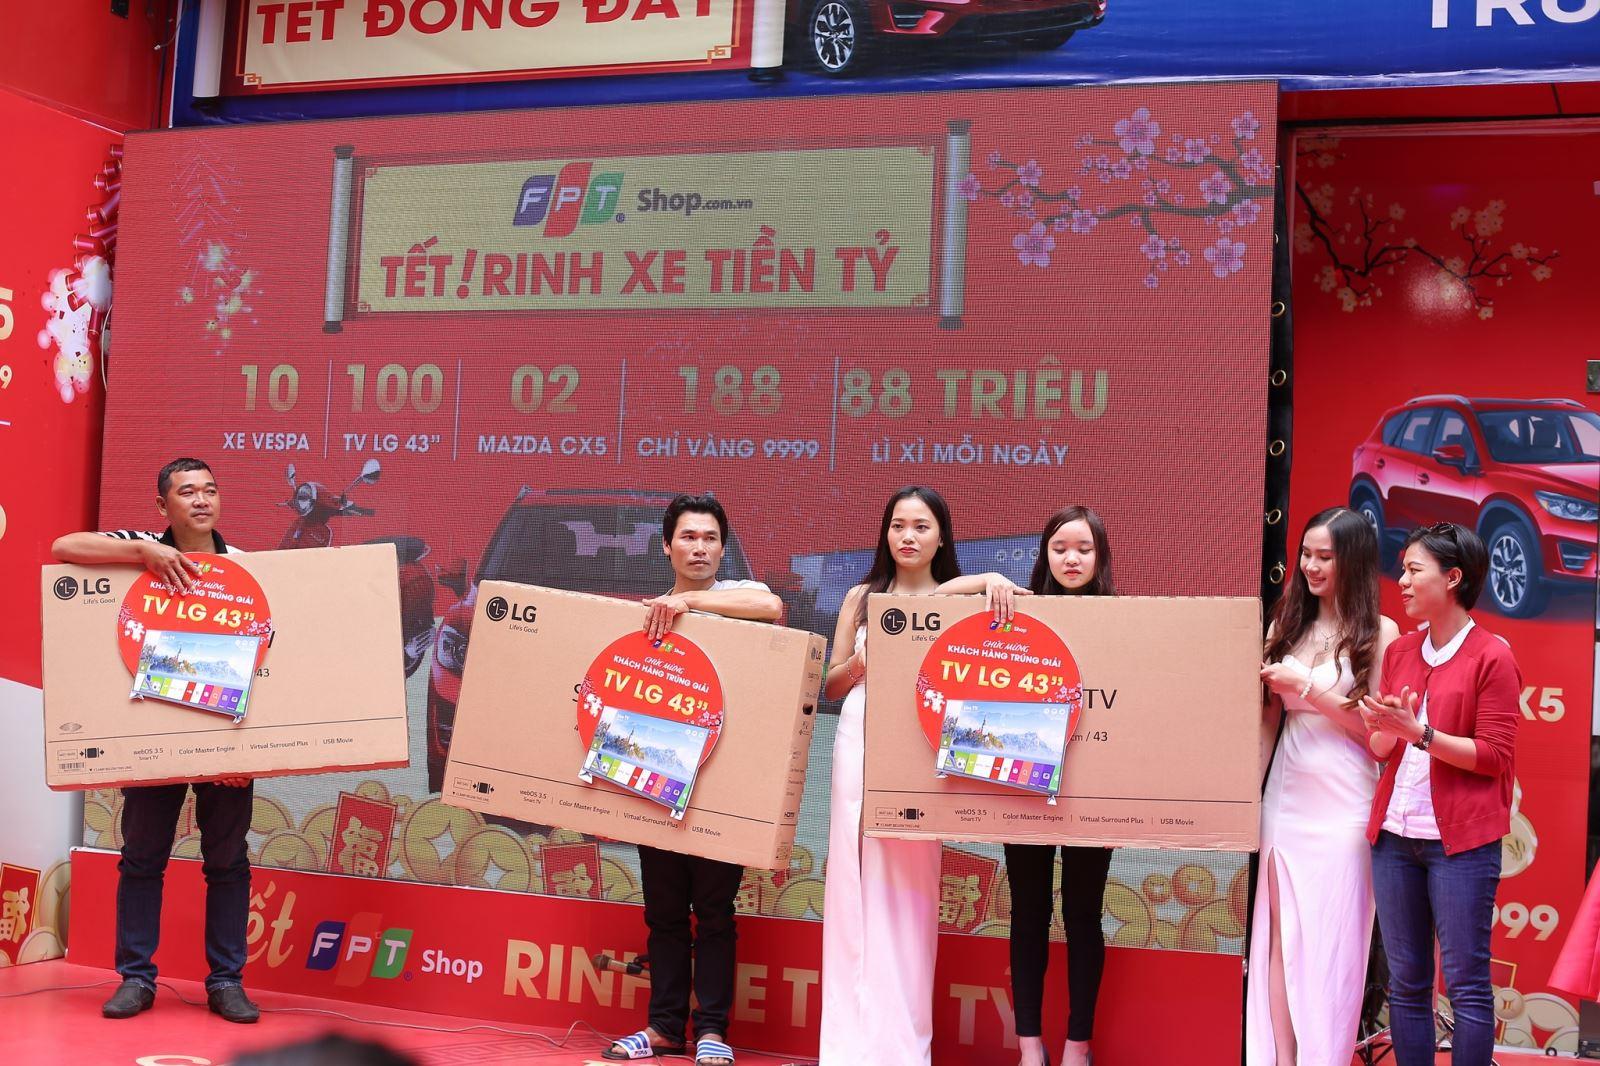 Đã tìm ra chủ nhân của 50 smart tivi và vàng 9999 trúng thưởng tại FPT Shop